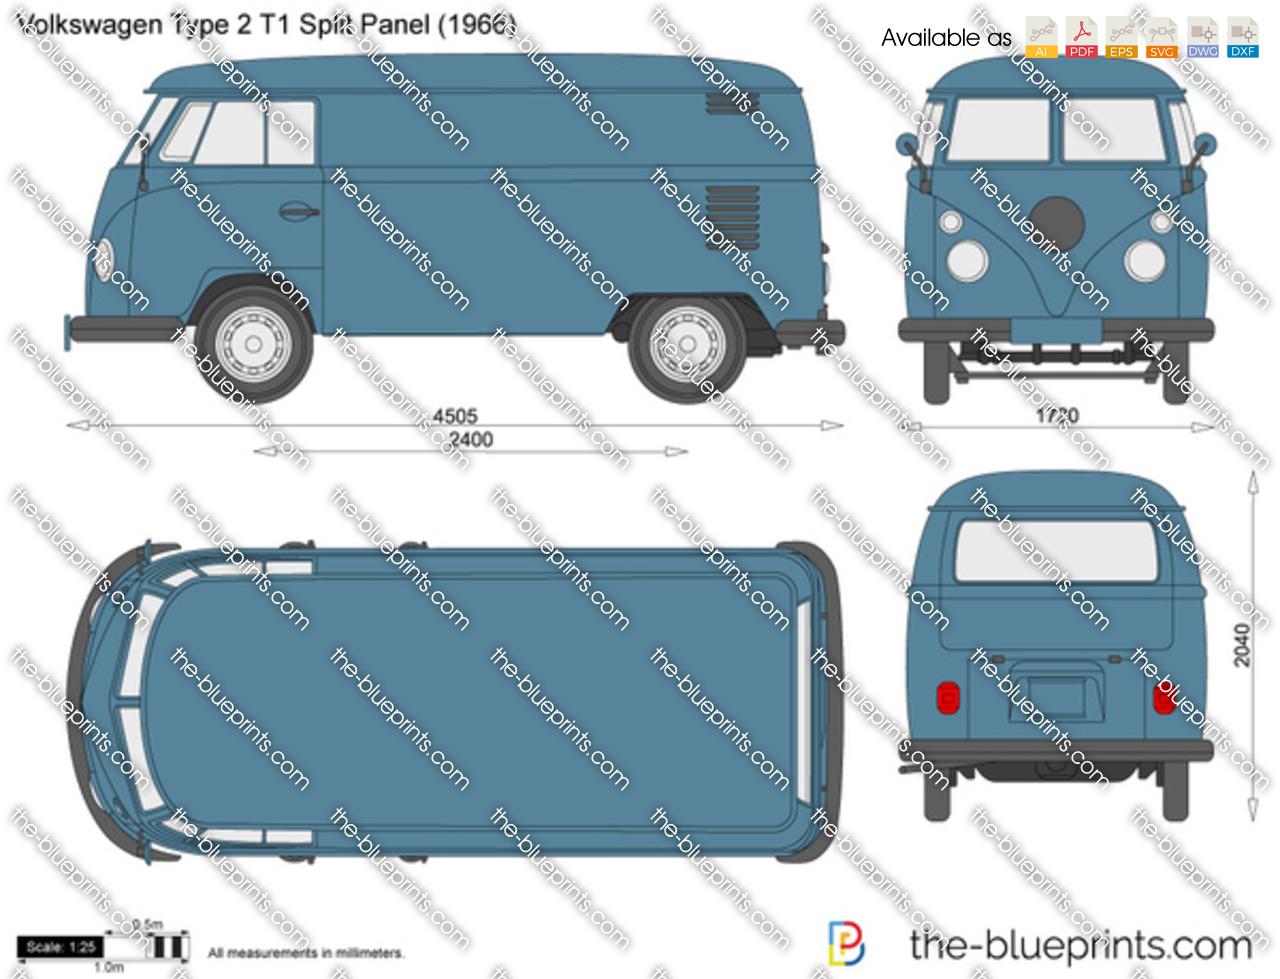 Volkswagen Type 2 T1 Split Panel 1958